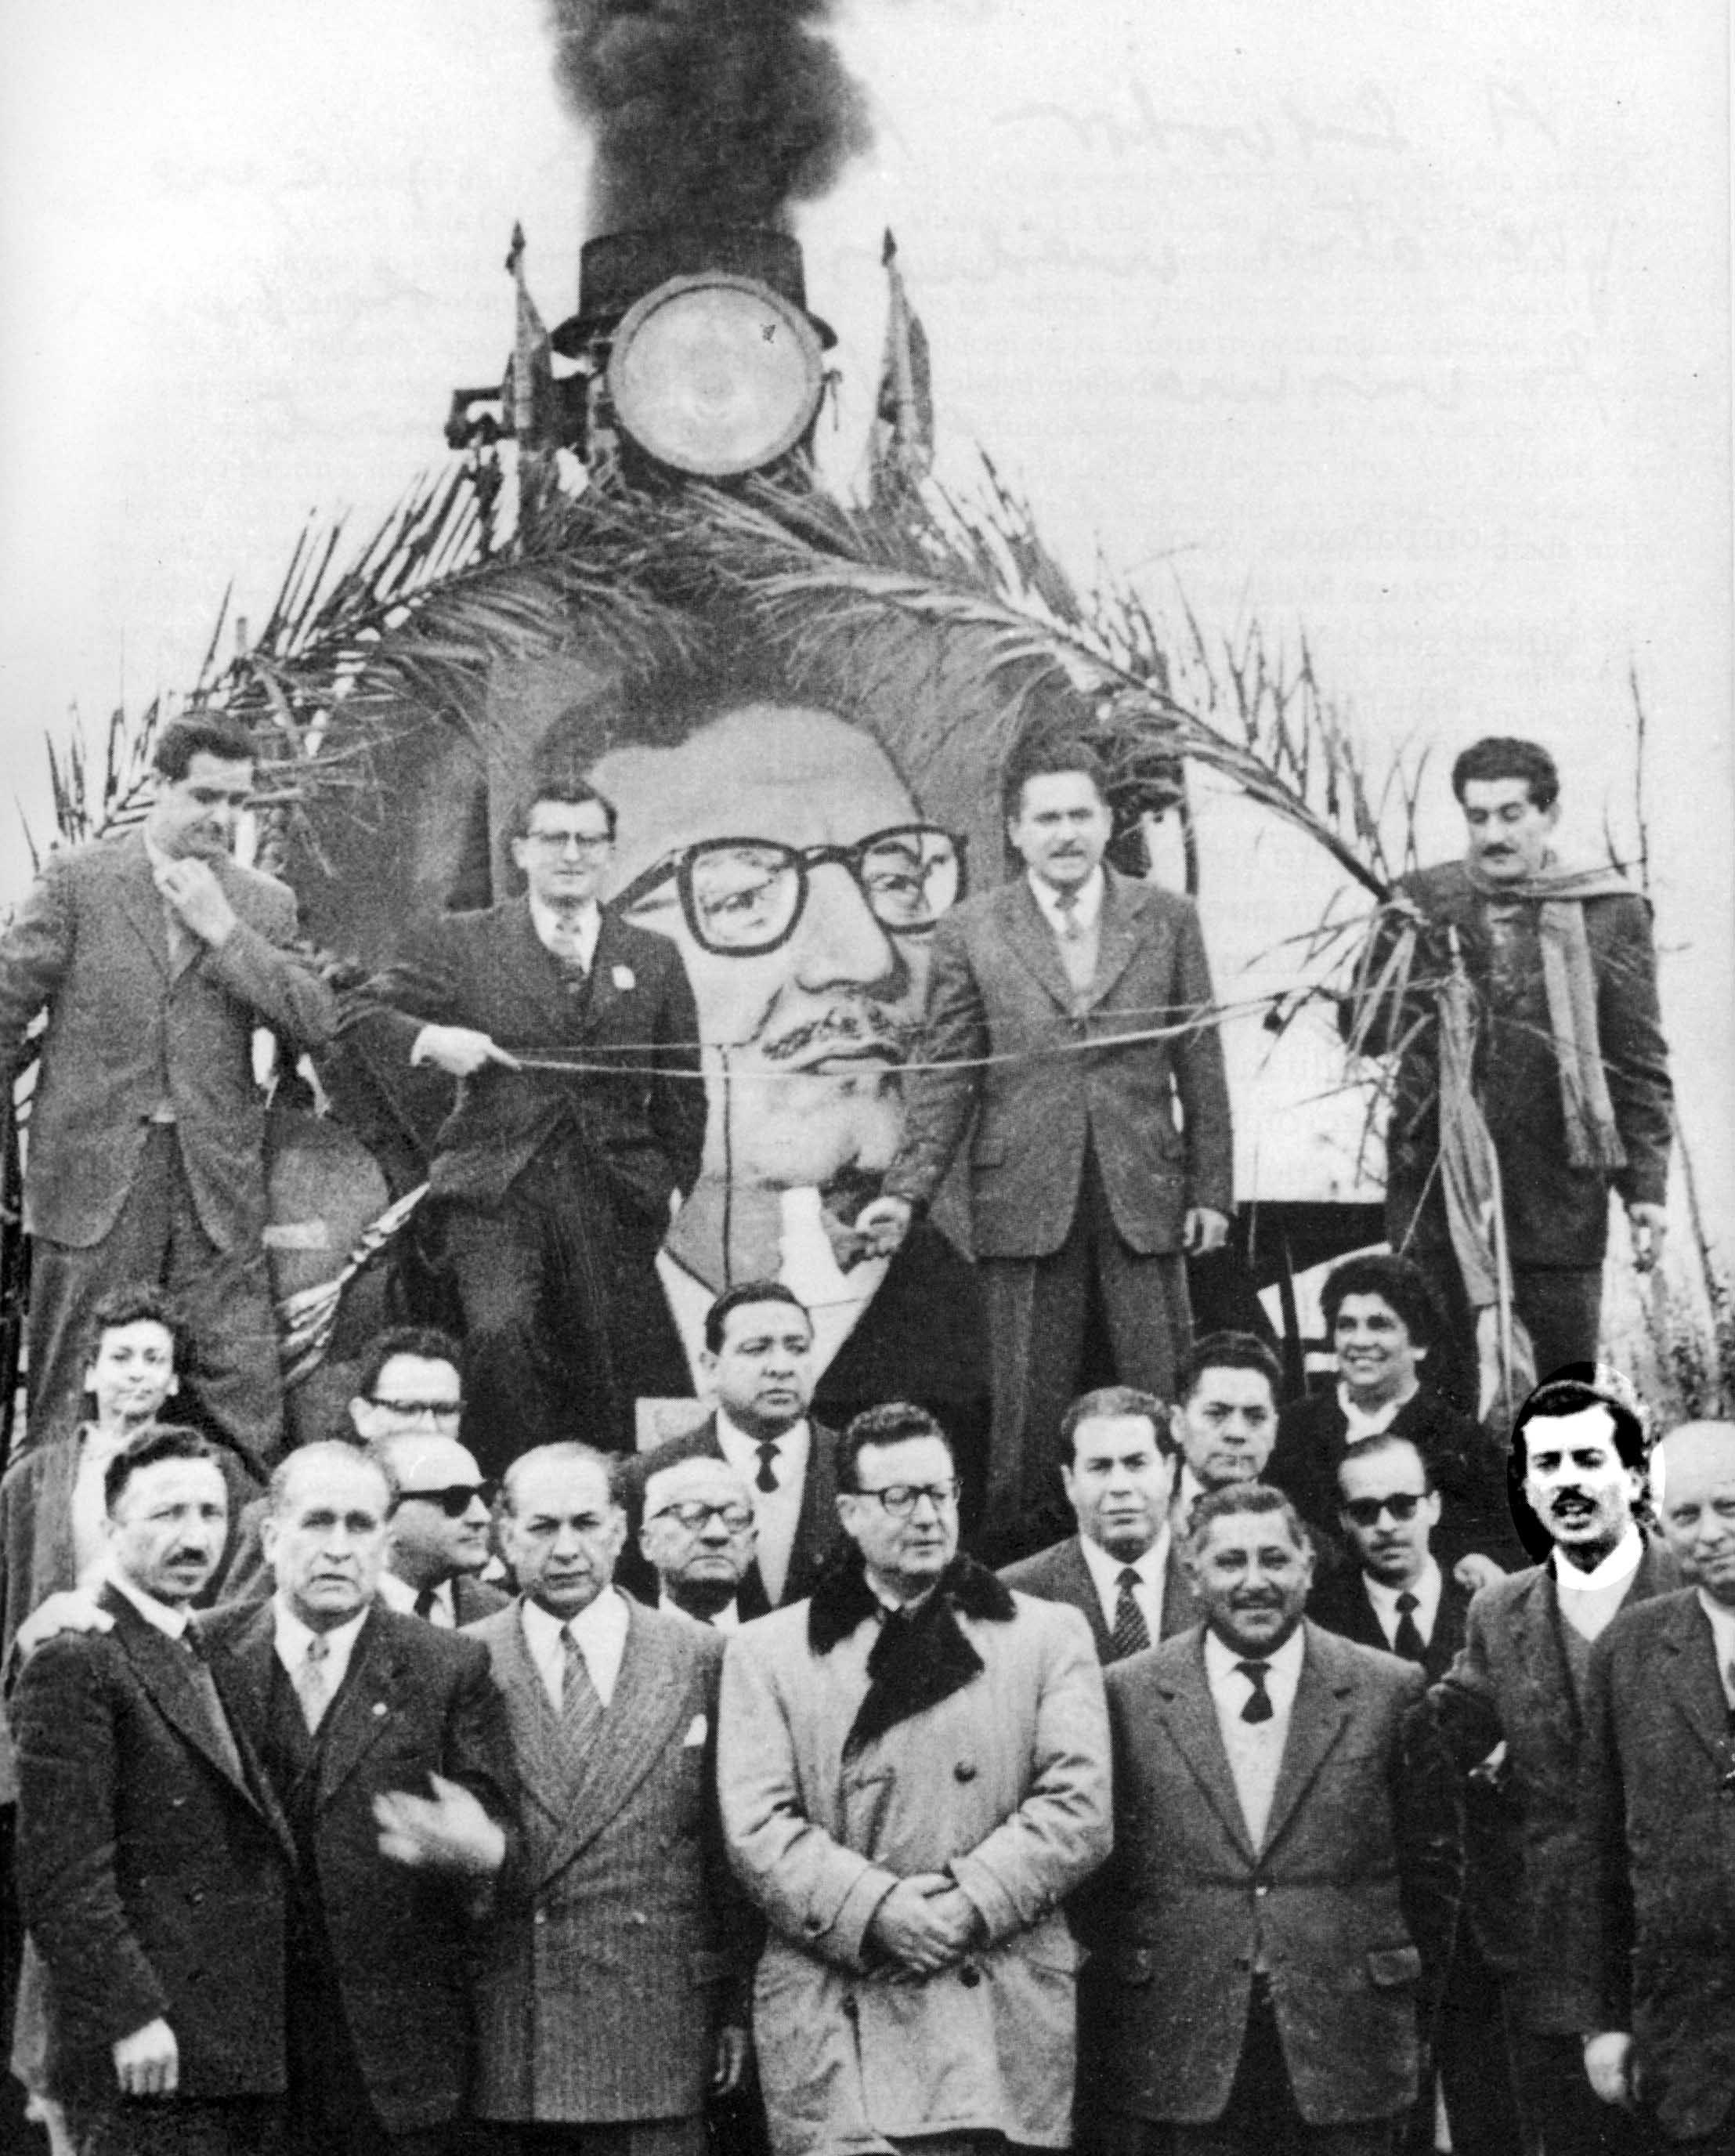 El Negro Jorquera casi siempre estaba cerca de Allende. En la foto con su imagen resaltada durante la campaña presidencial de 1964